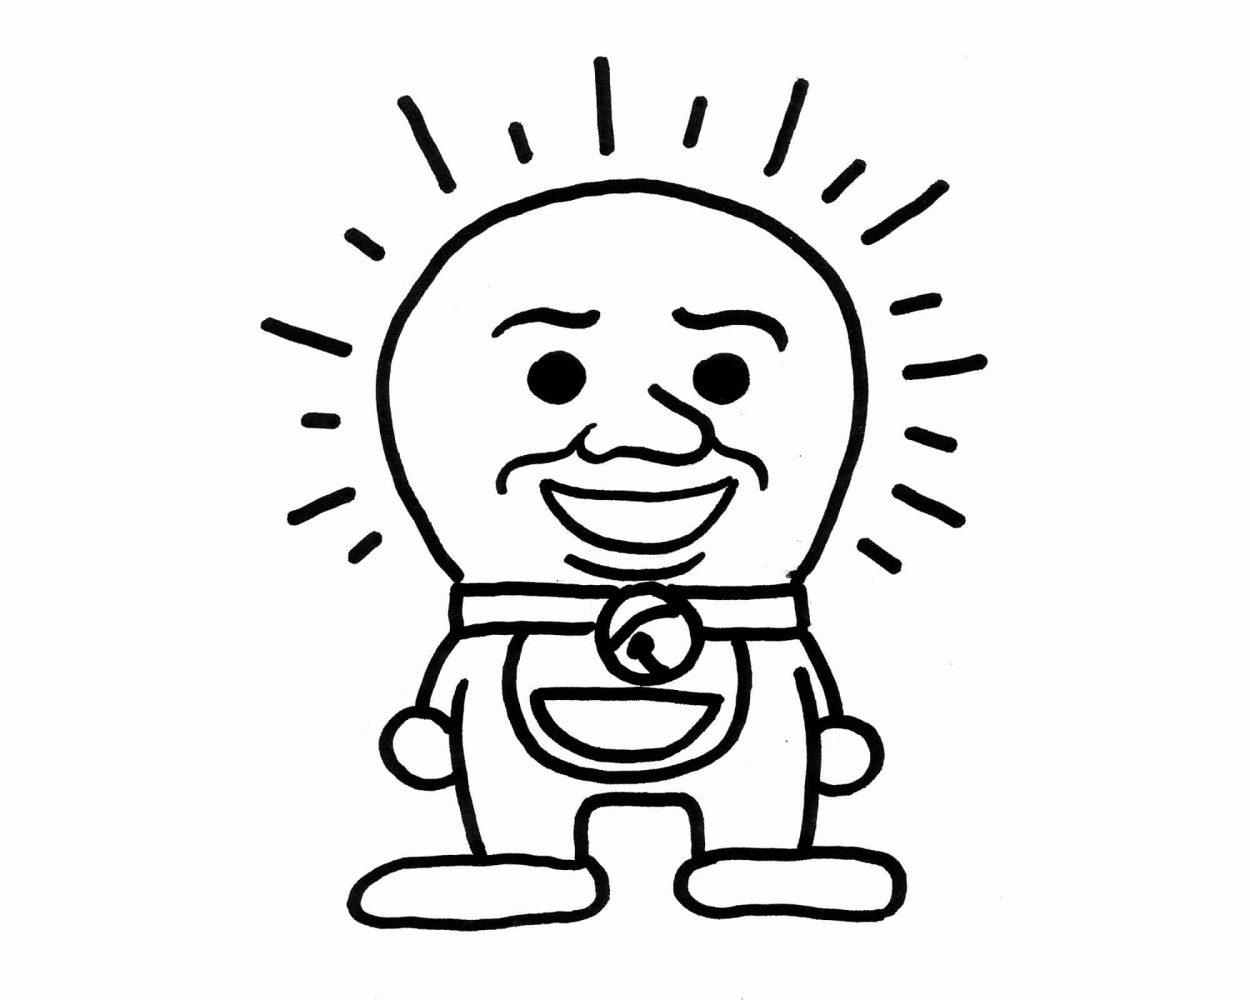 Lámina ilustración joan cornella contra doraemon. Art remixes. Dibujo en blanco y negro divertido